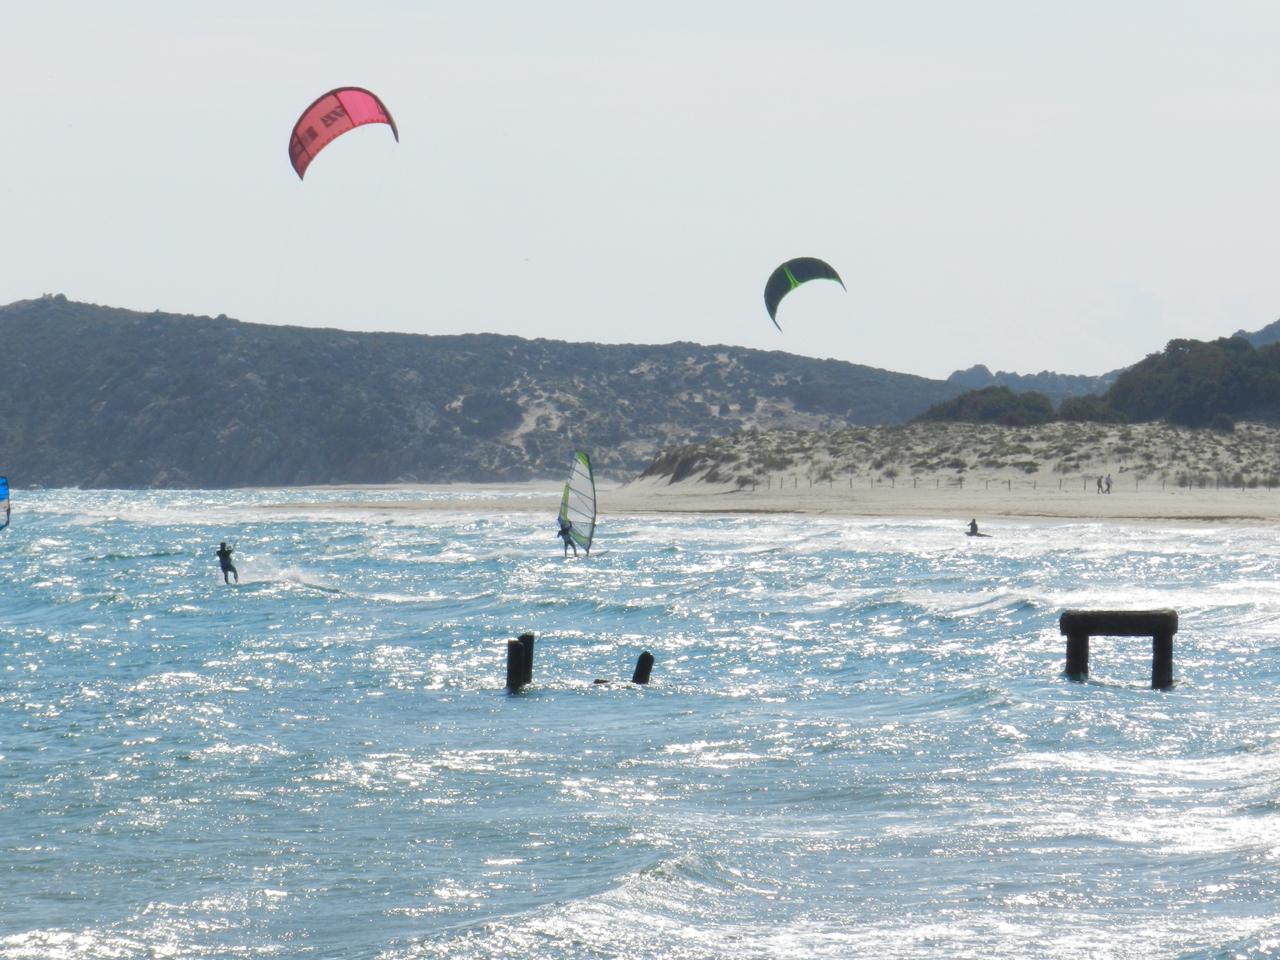 Chia / Spiaggia Campana im April: herrlich viel Wind für alle